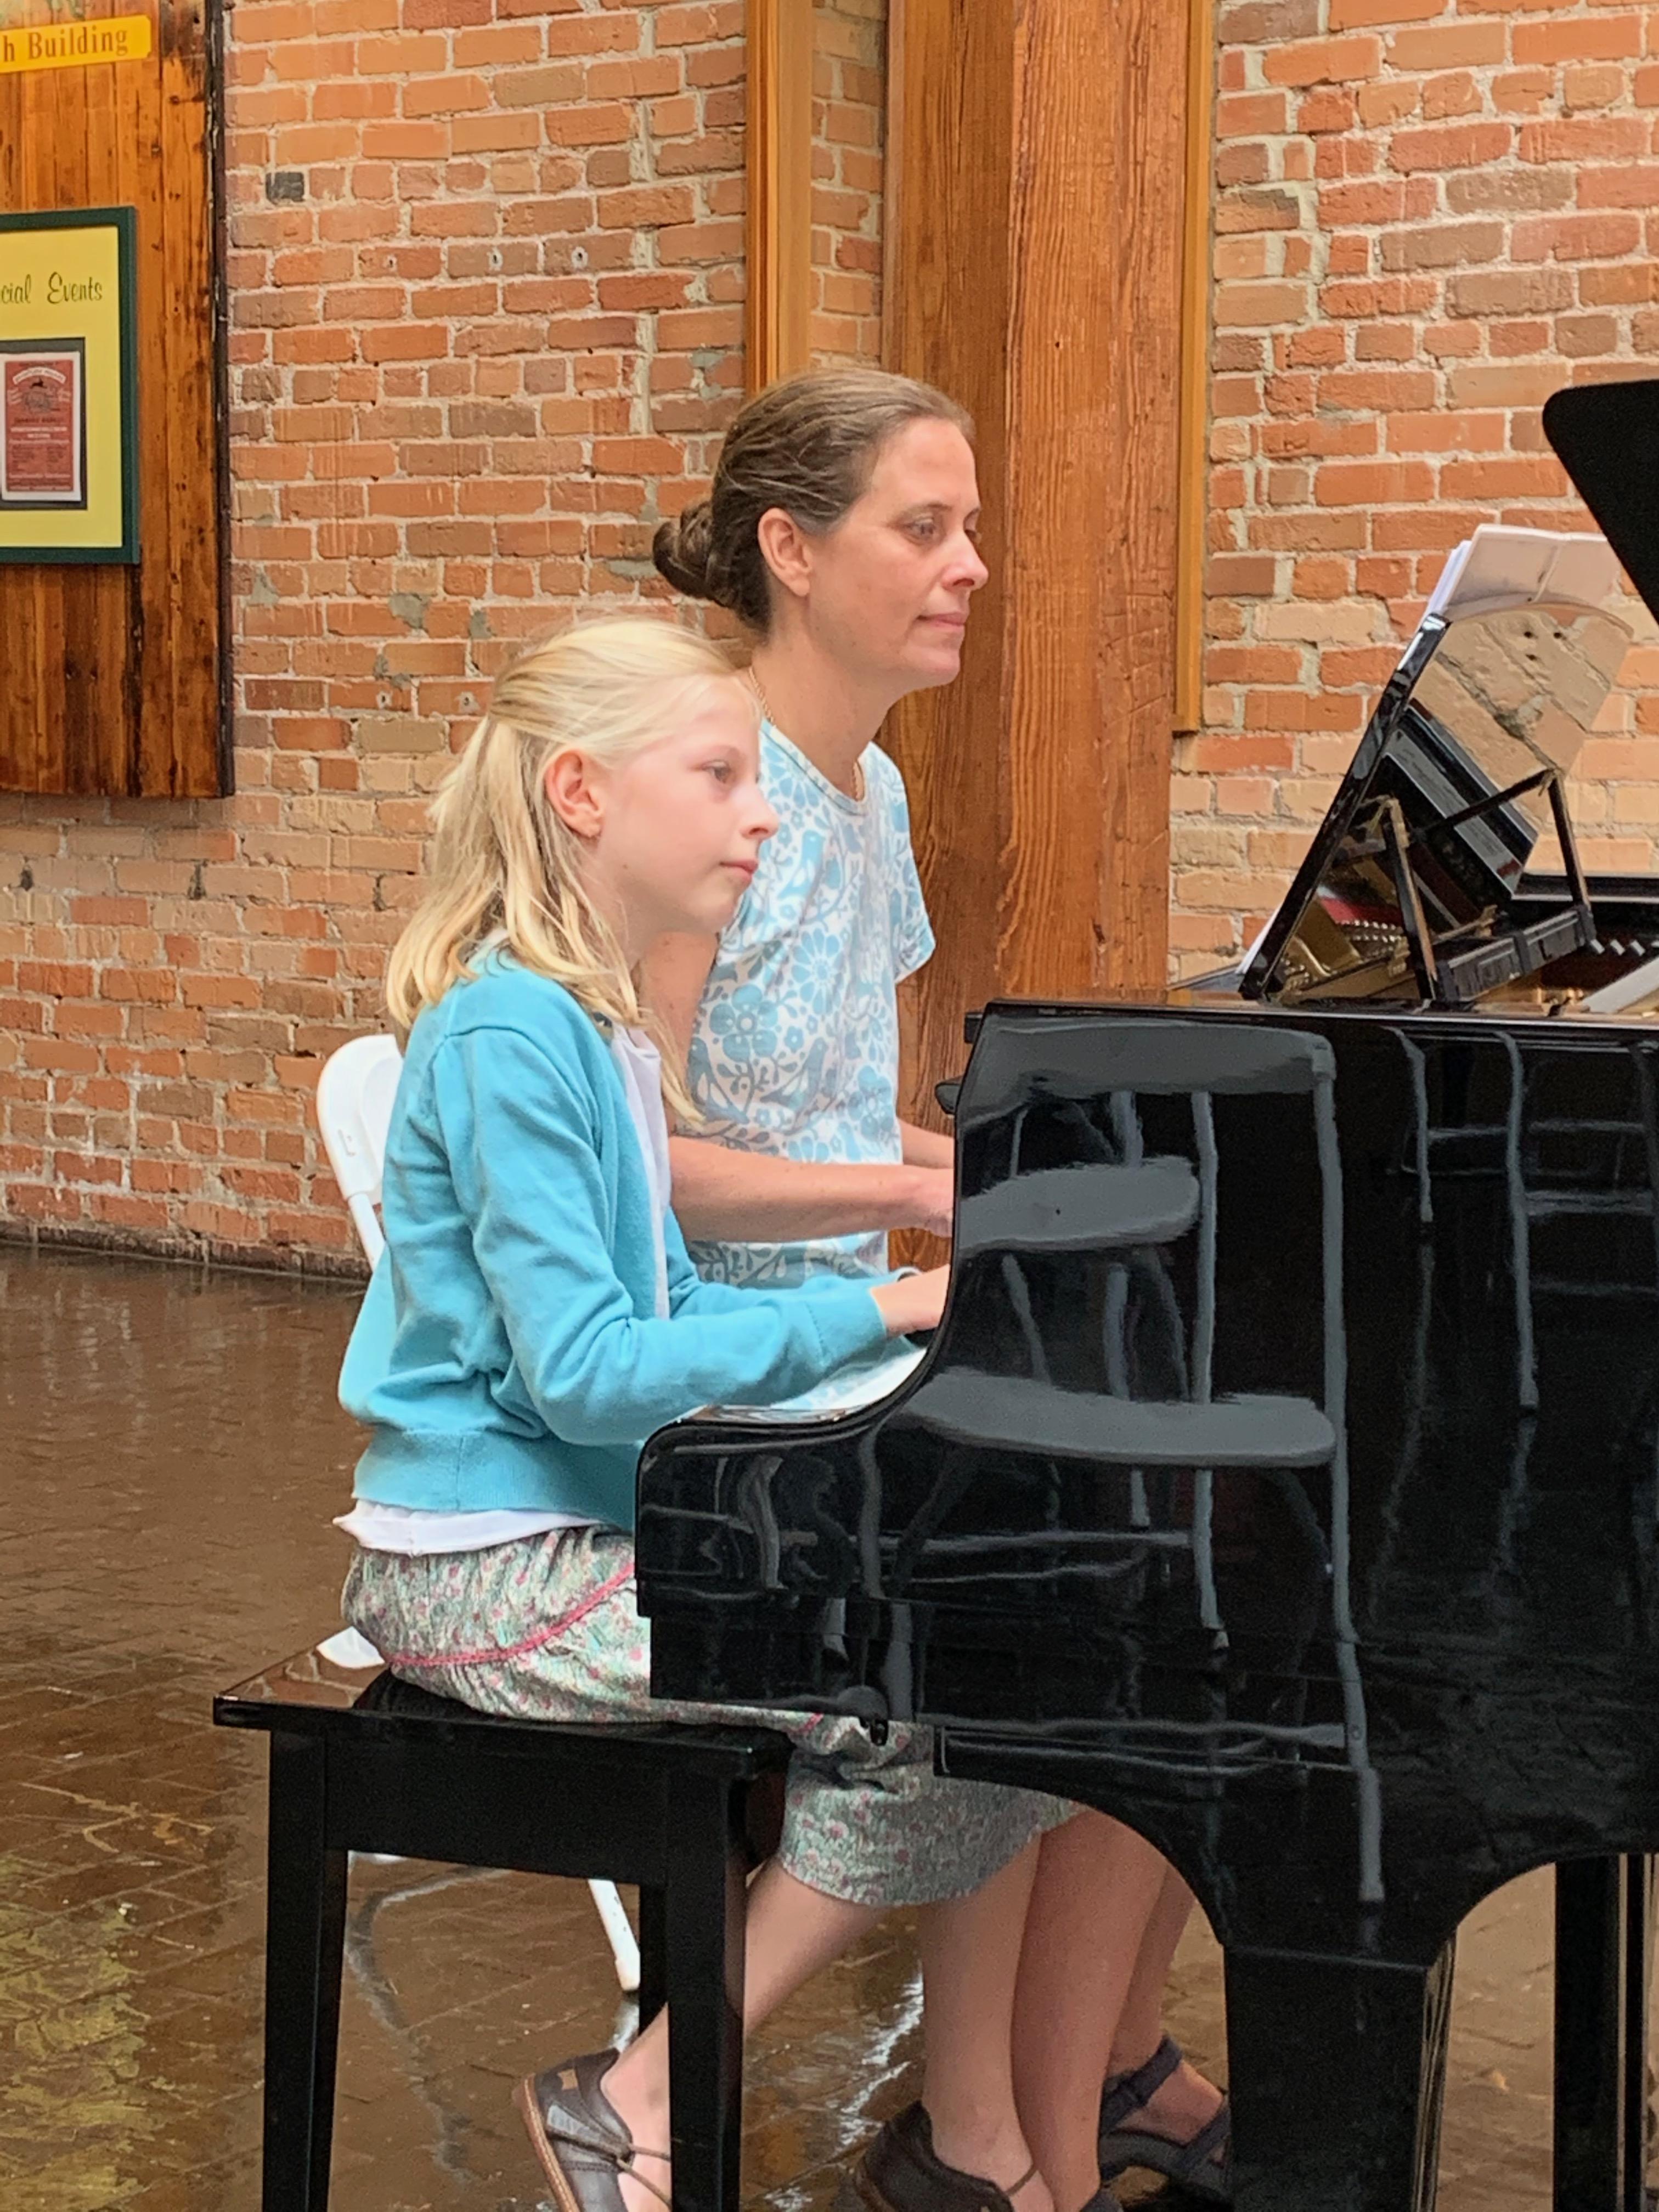 Annabel and her mother Erin Van Scoyoc